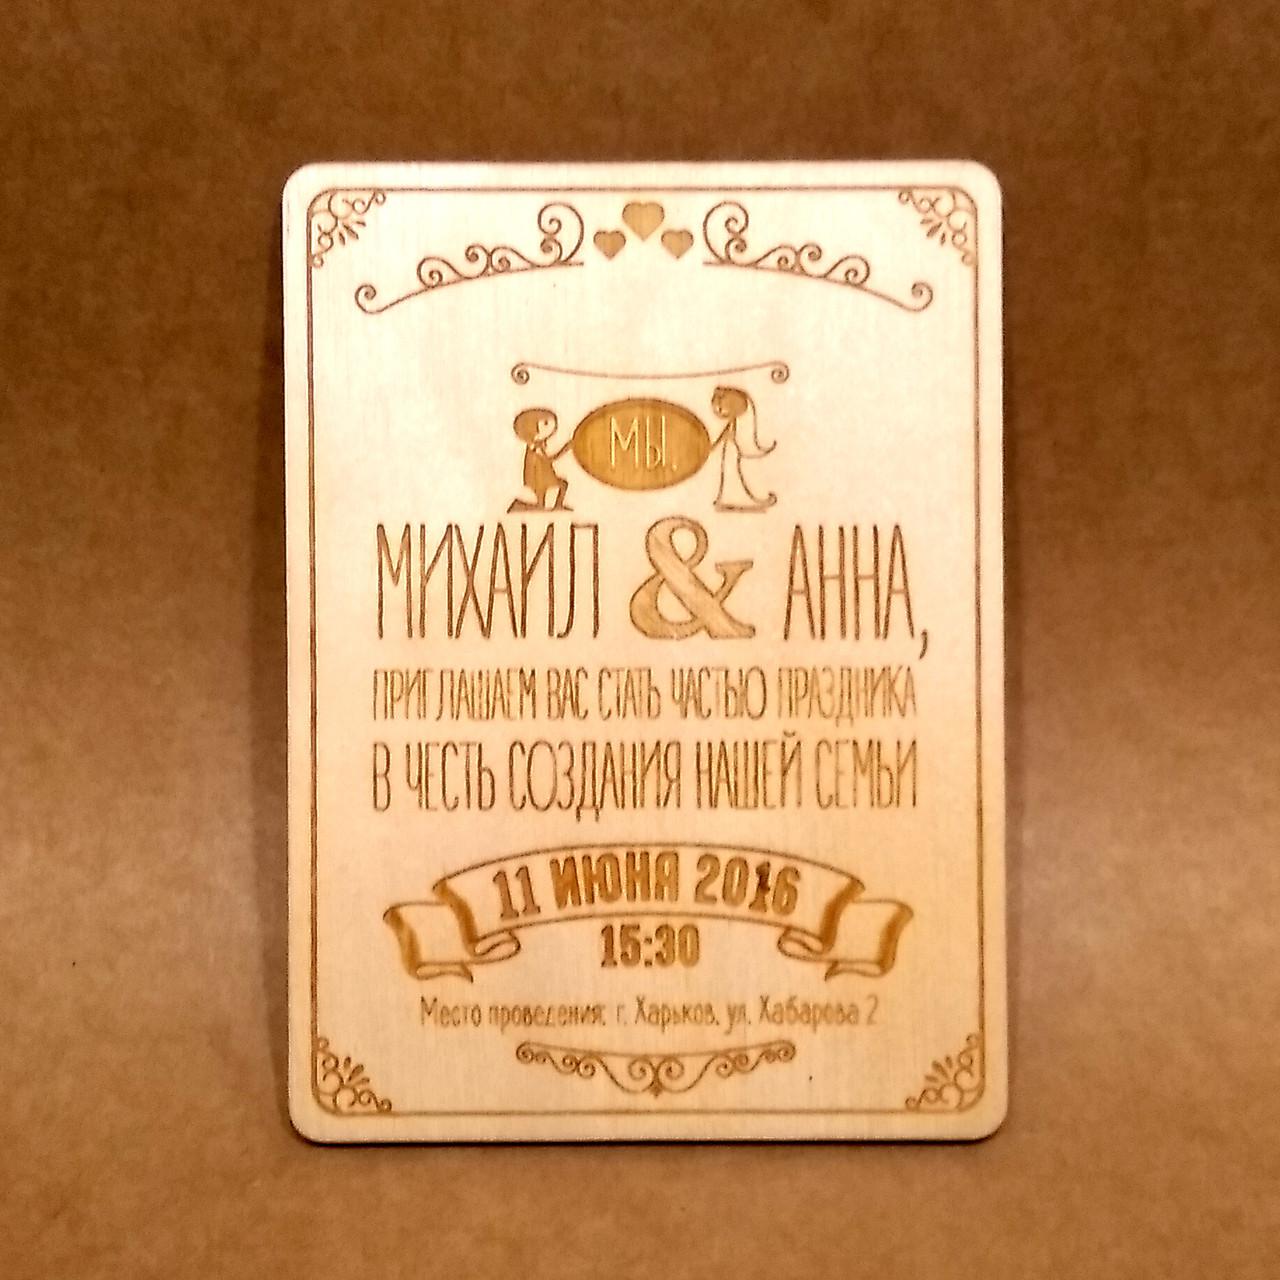 Приглашения на свадьбу из дерева. Оригинальные приглашения на свадьбу.